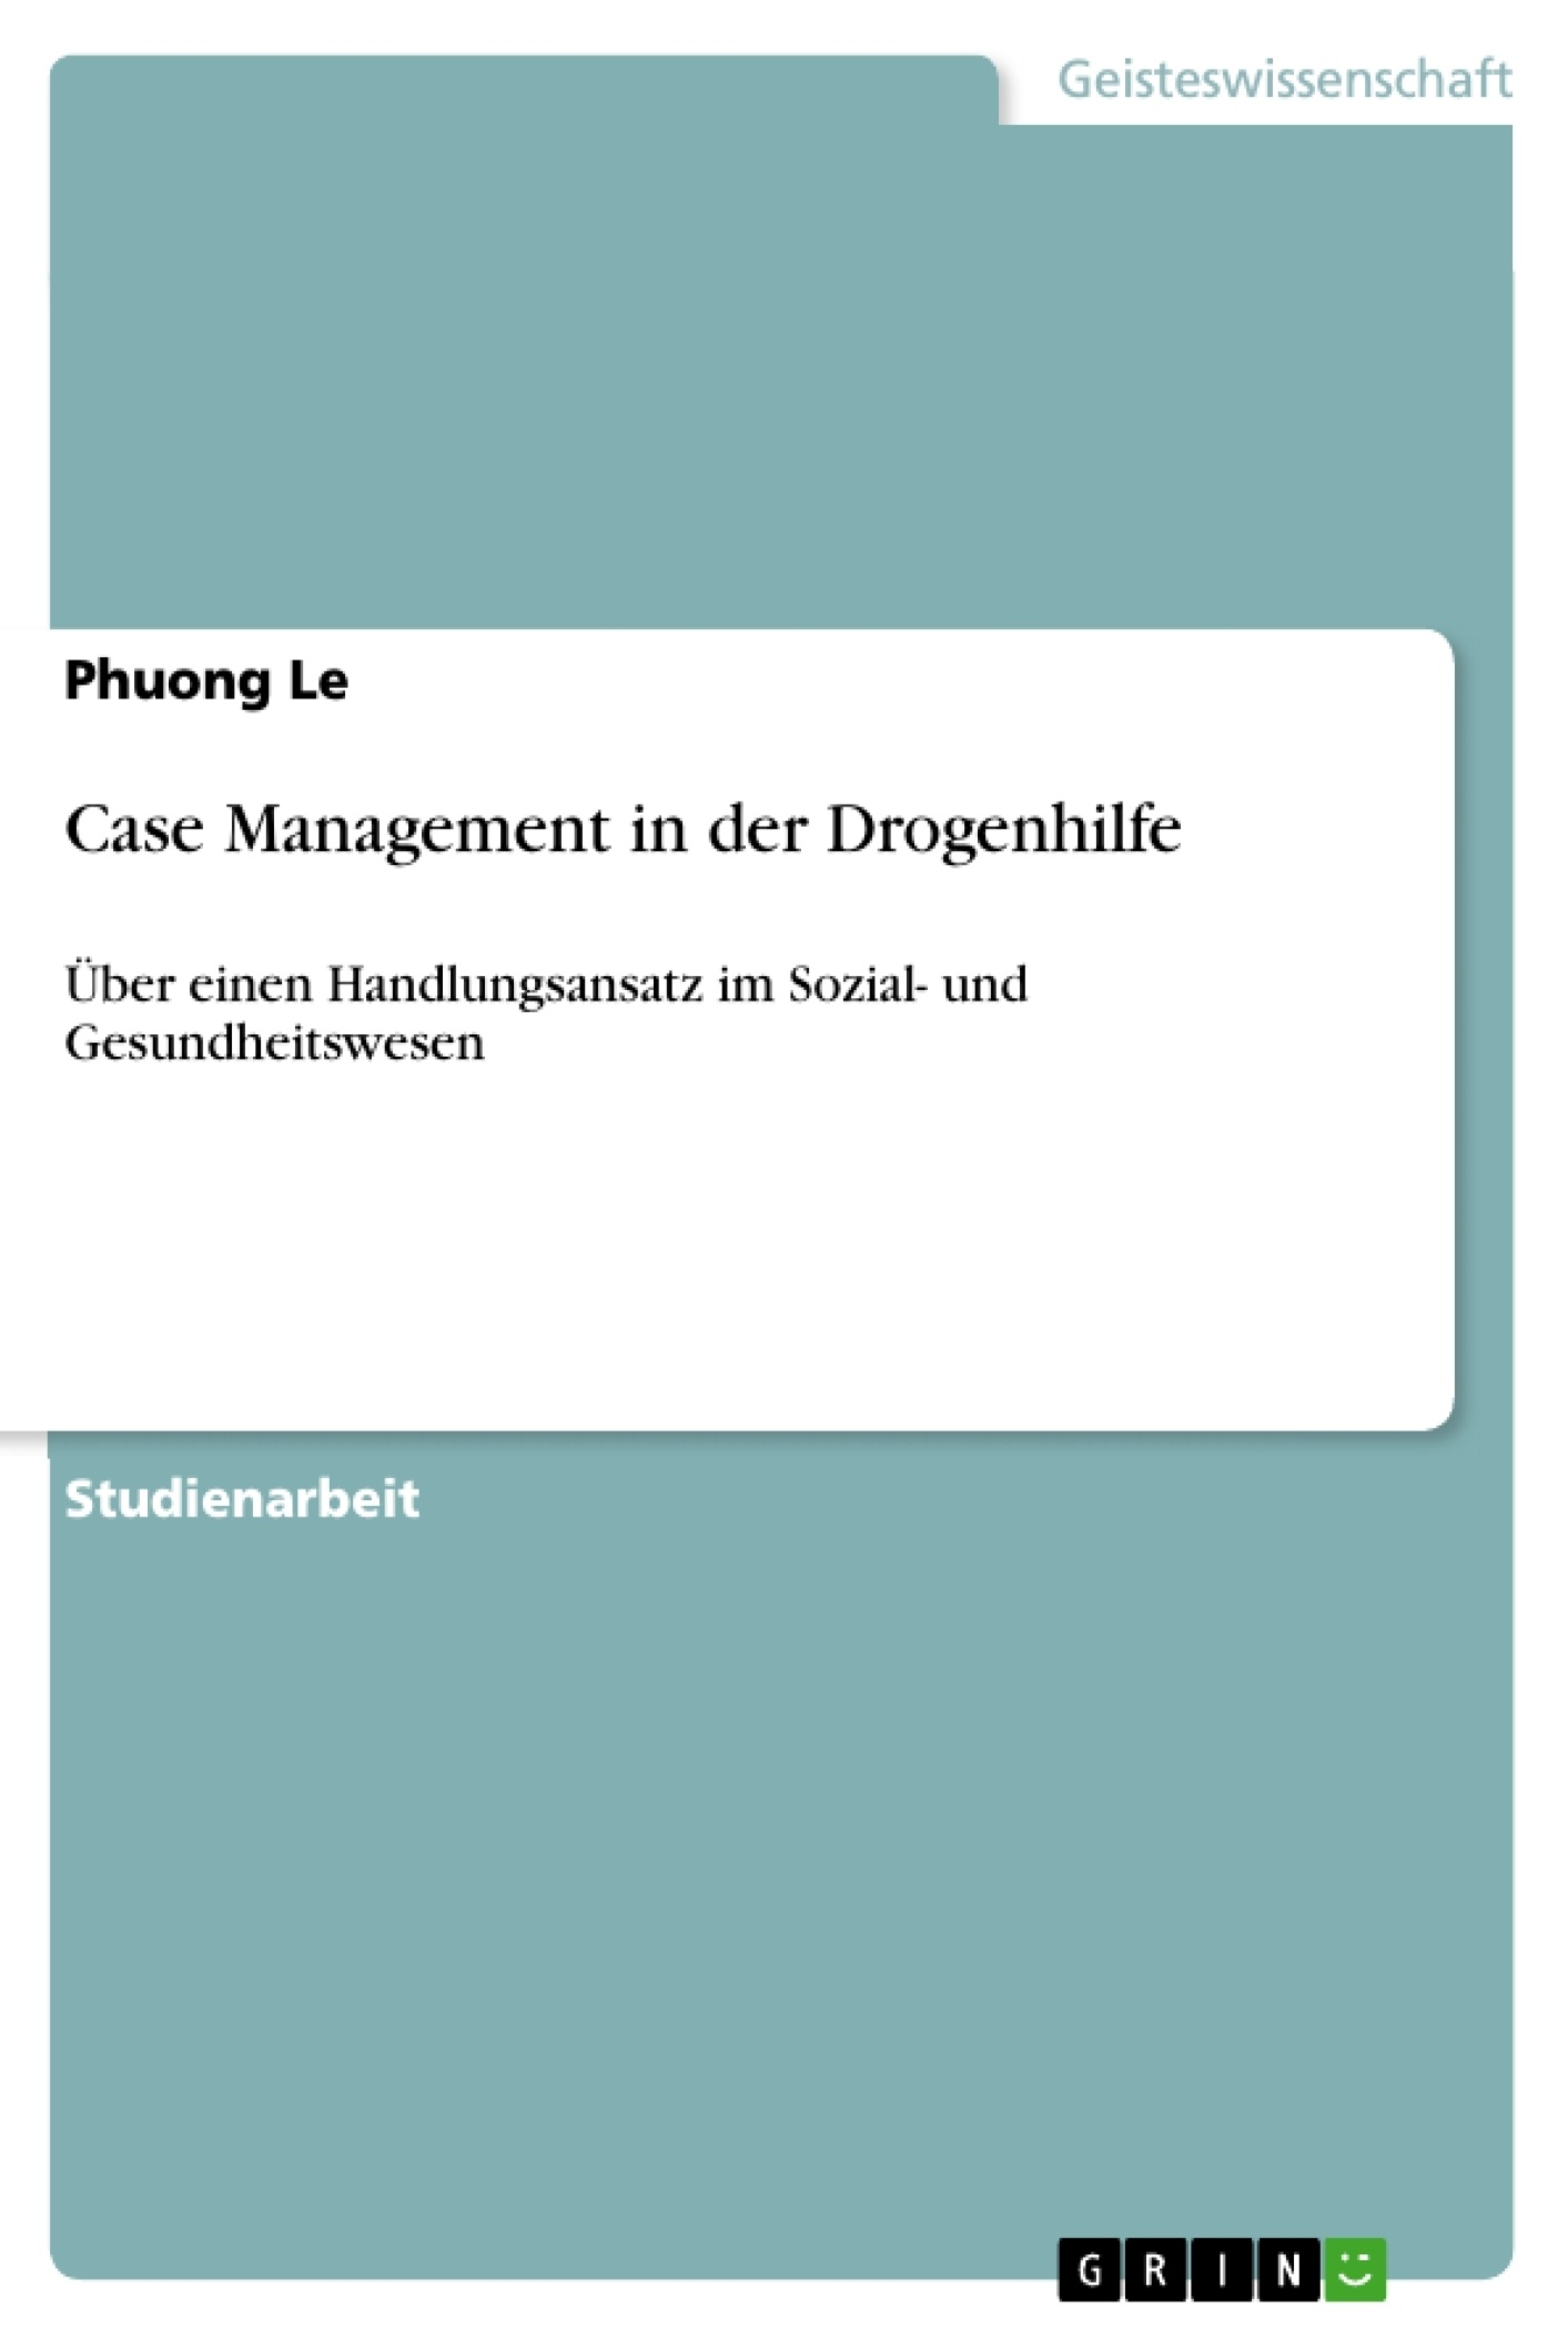 Titel: Case Management in der Drogenhilfe